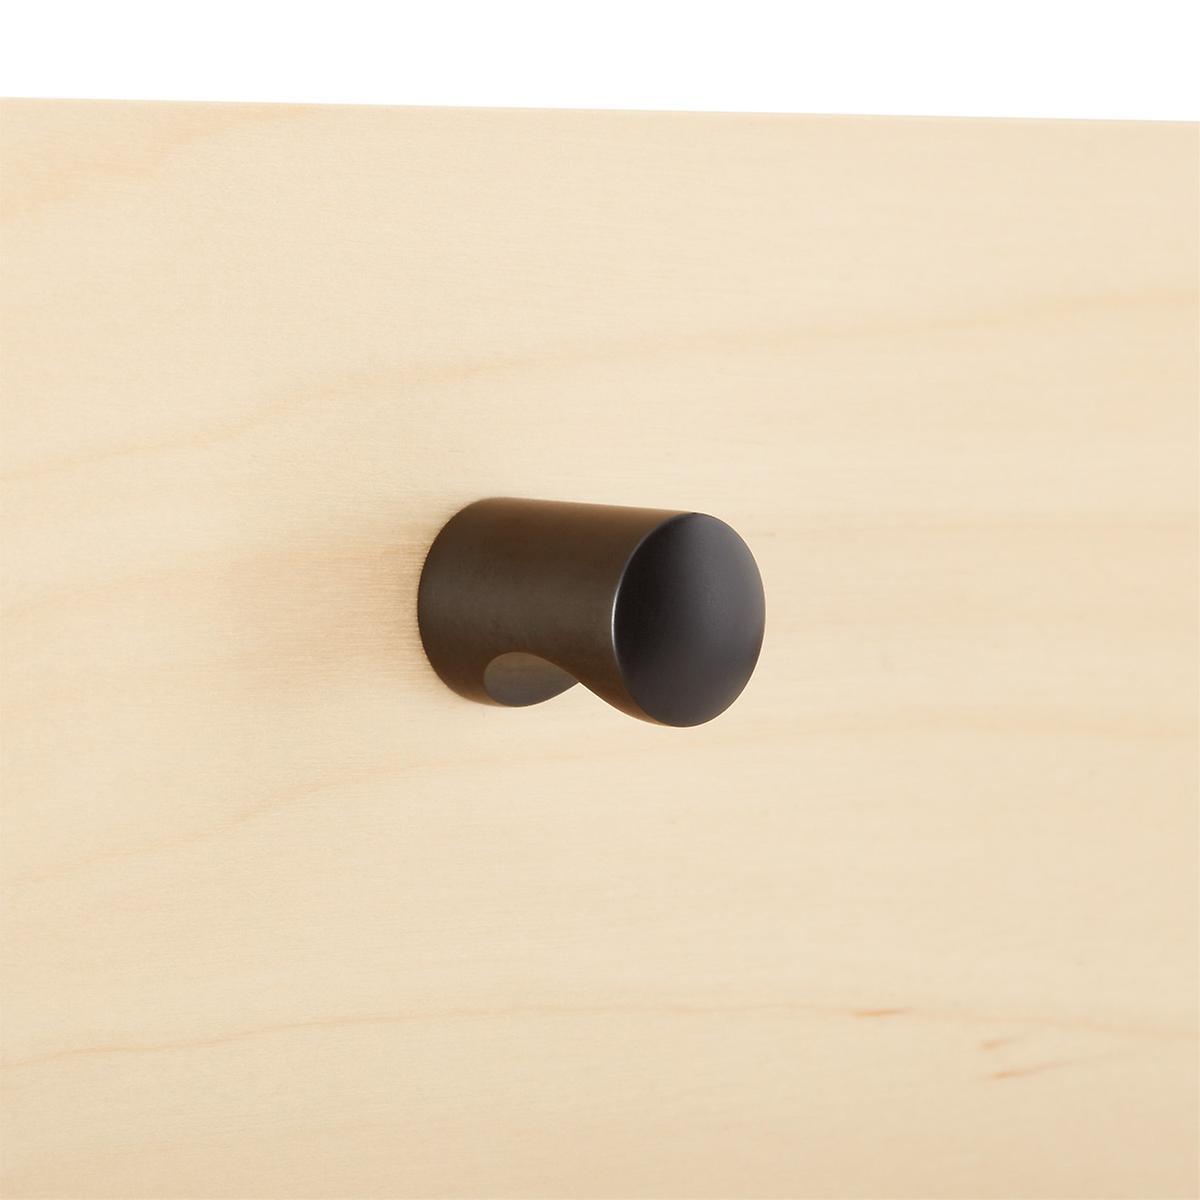 Elfa Decor Oil Rubbed Bronze Modern Knob